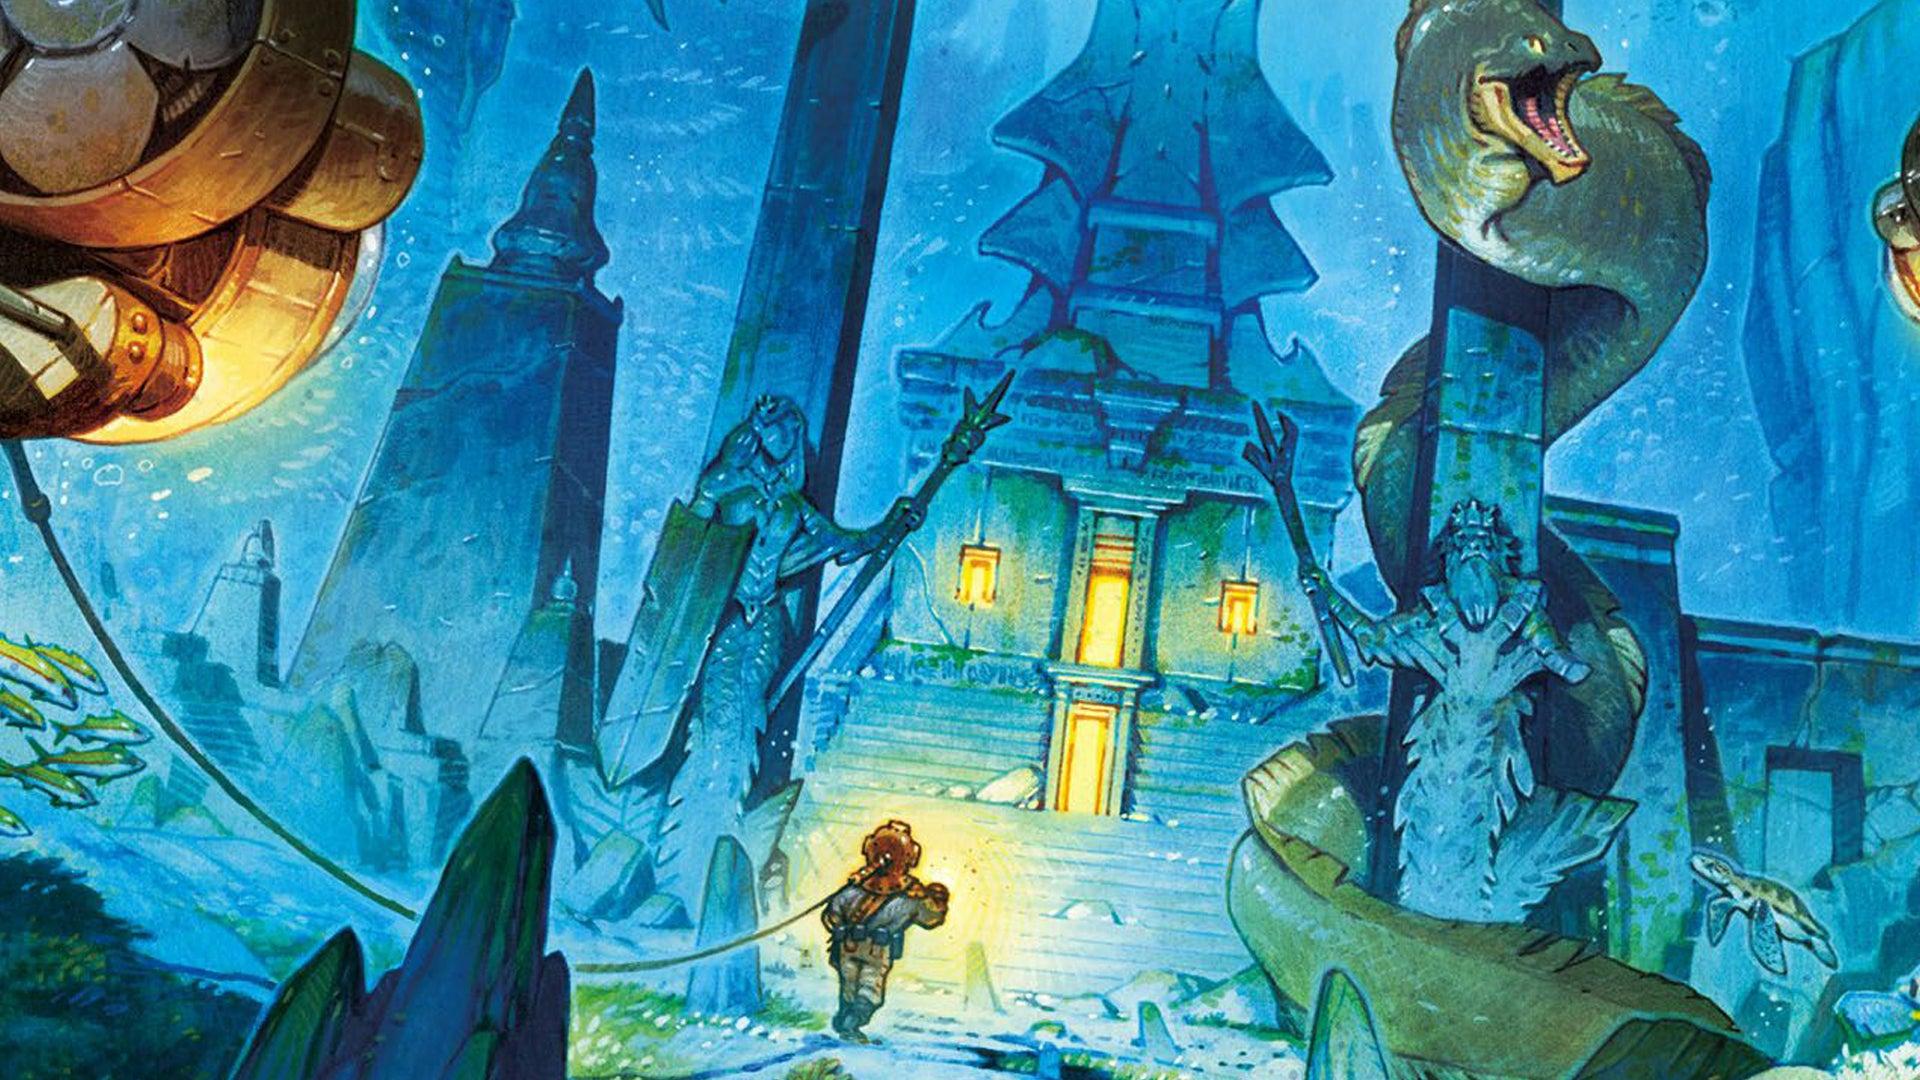 Lost Atlantis board game artwork 2